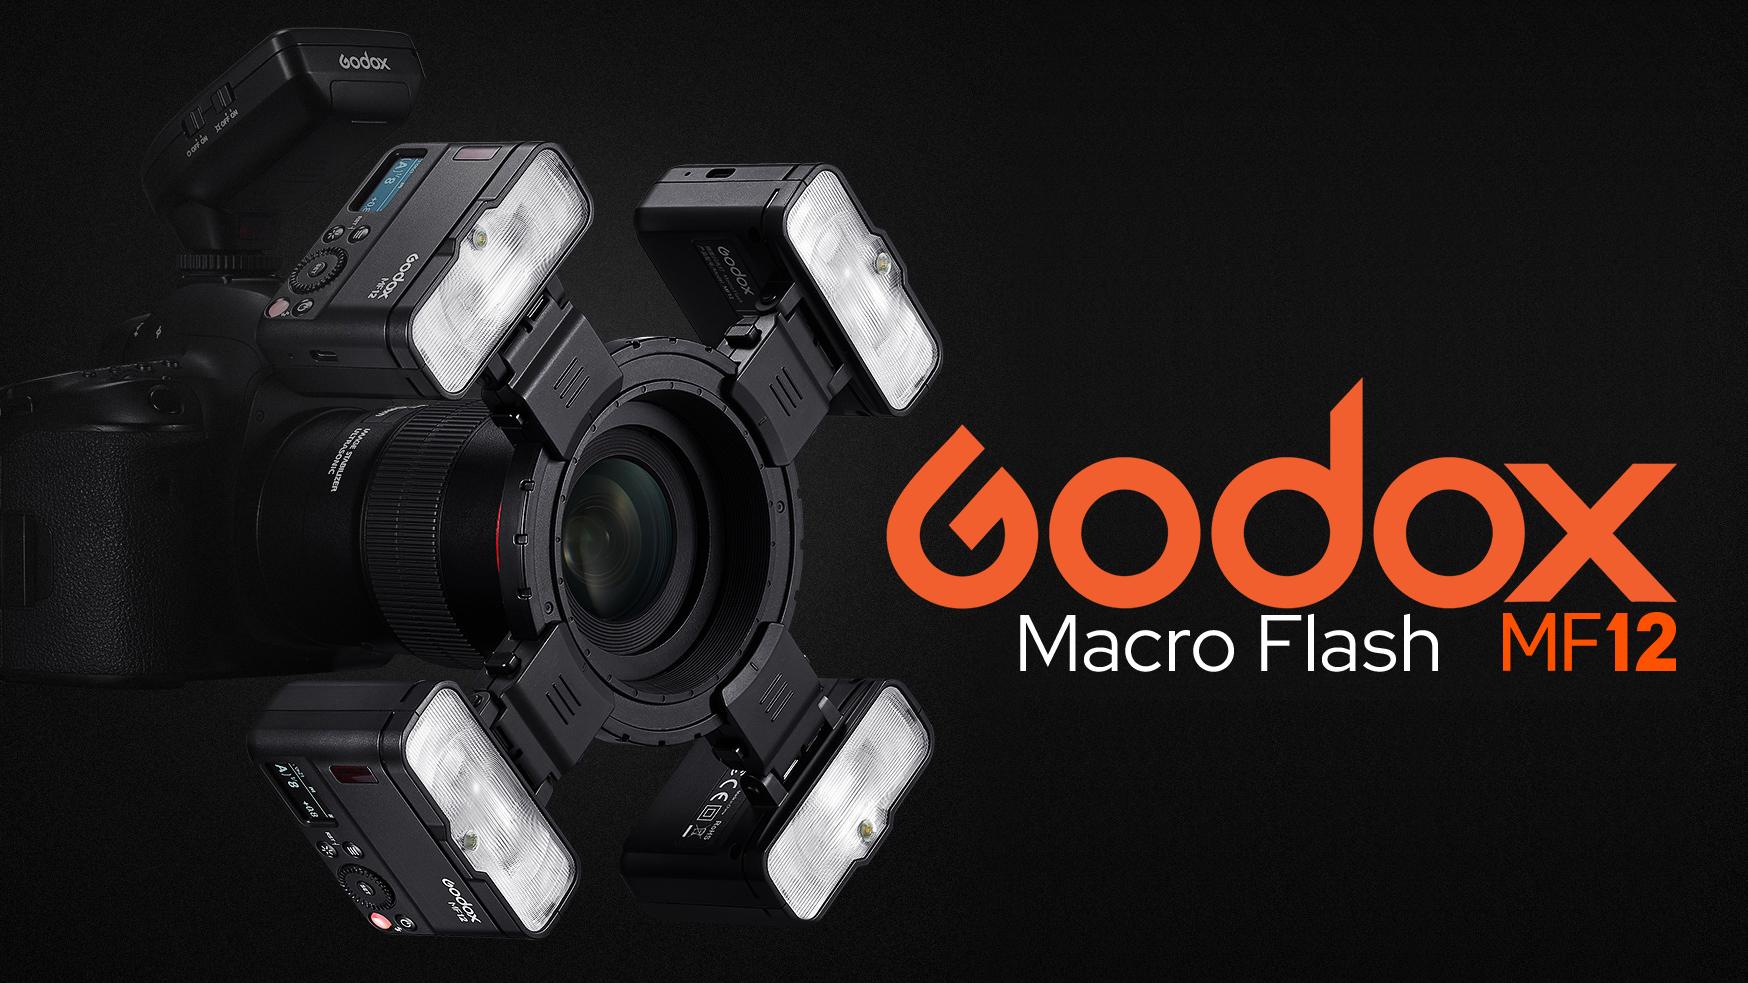 Макровспышка Godox MF12, четыре штуки на объективе камеры